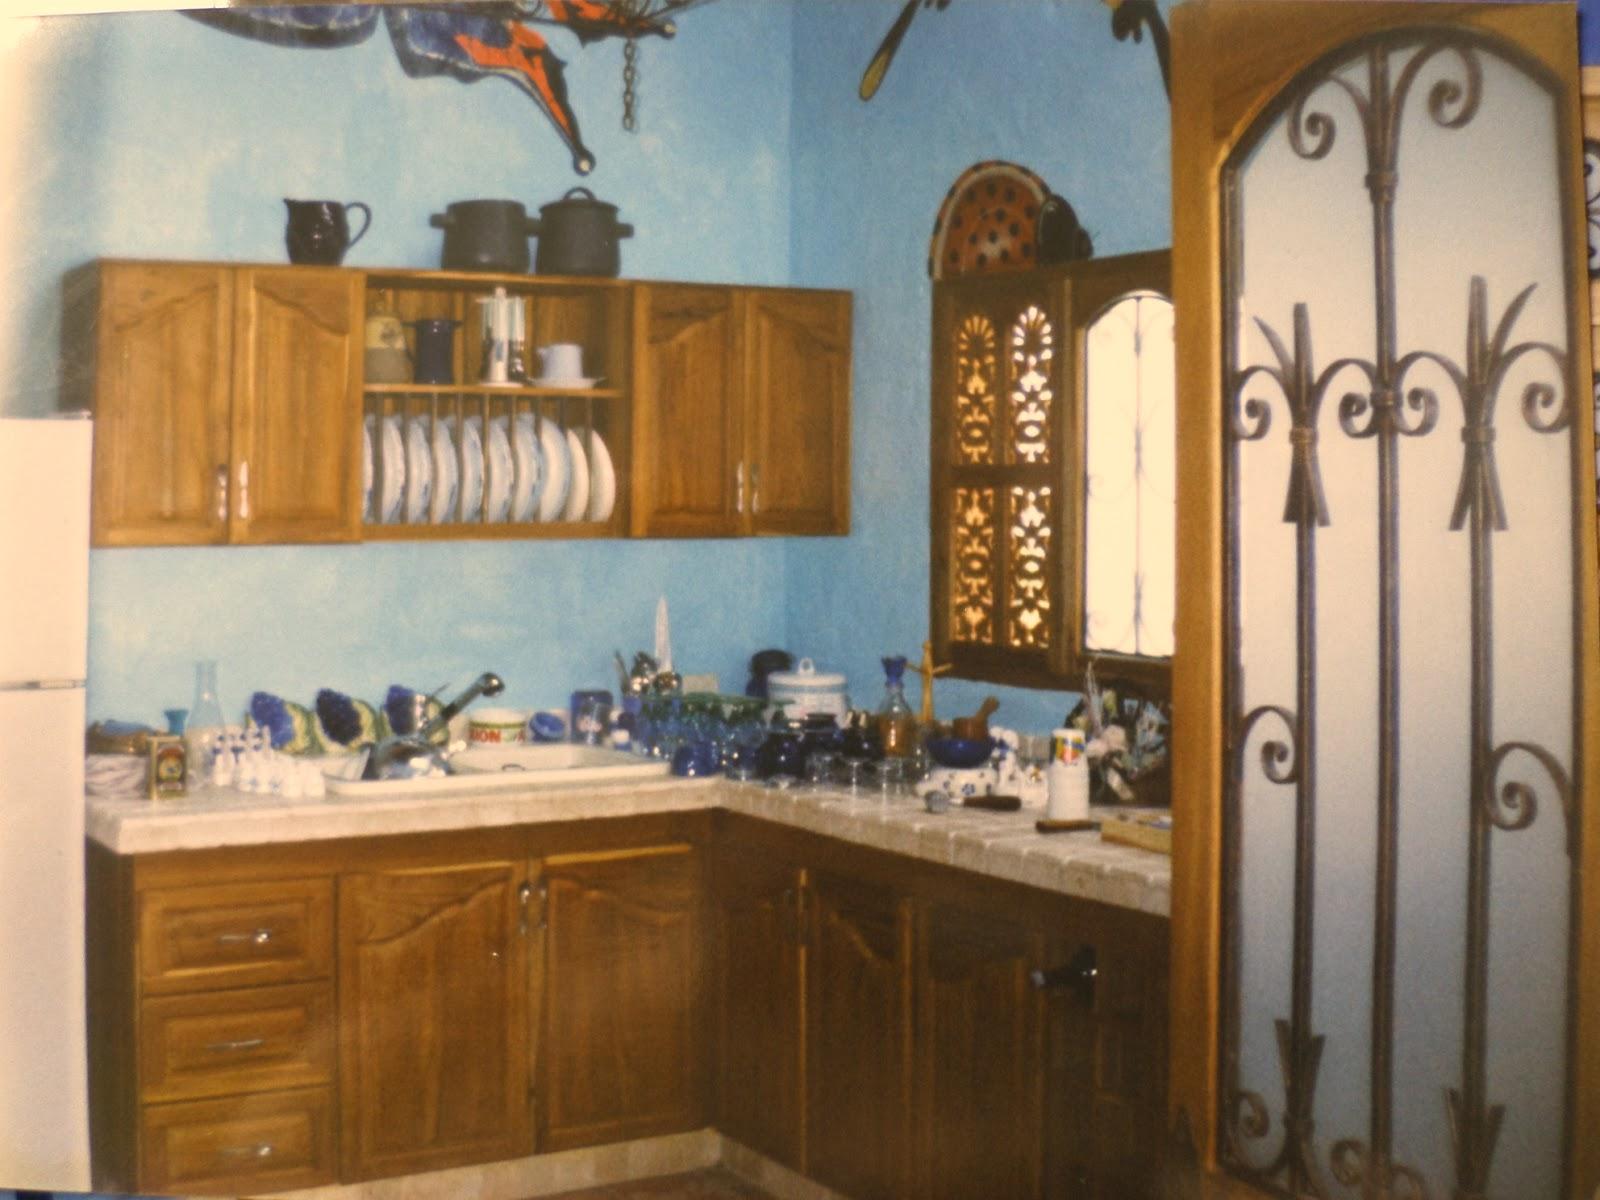 Puertas y cocinas medellin casa campestre en girardota - Puertas de cocina rusticas ...